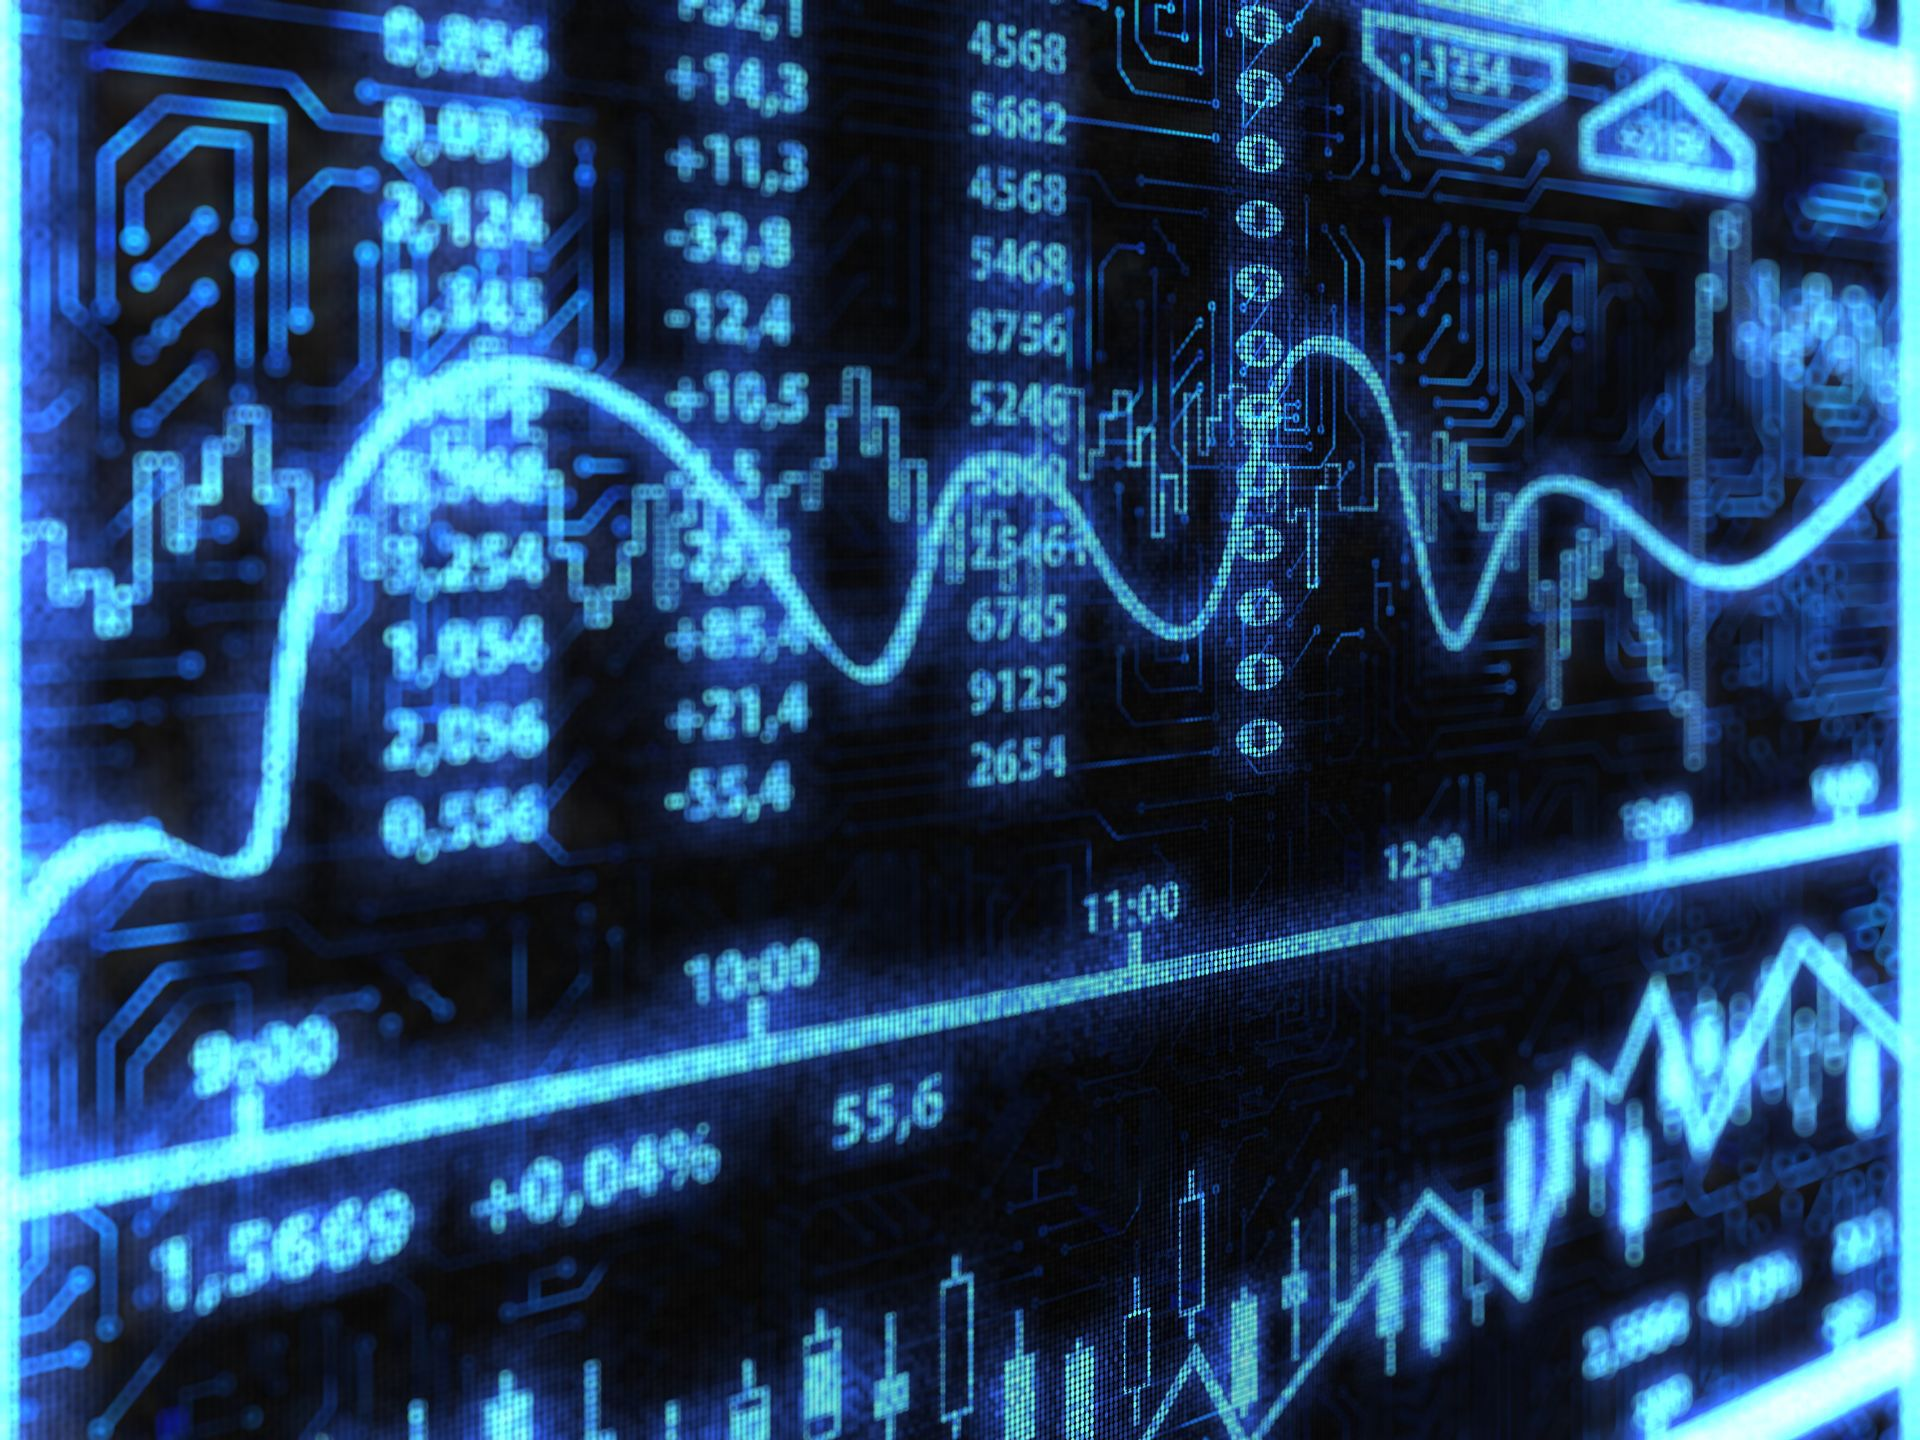 Trader le S&P500 : cours et analyse en direct, tout savoir !